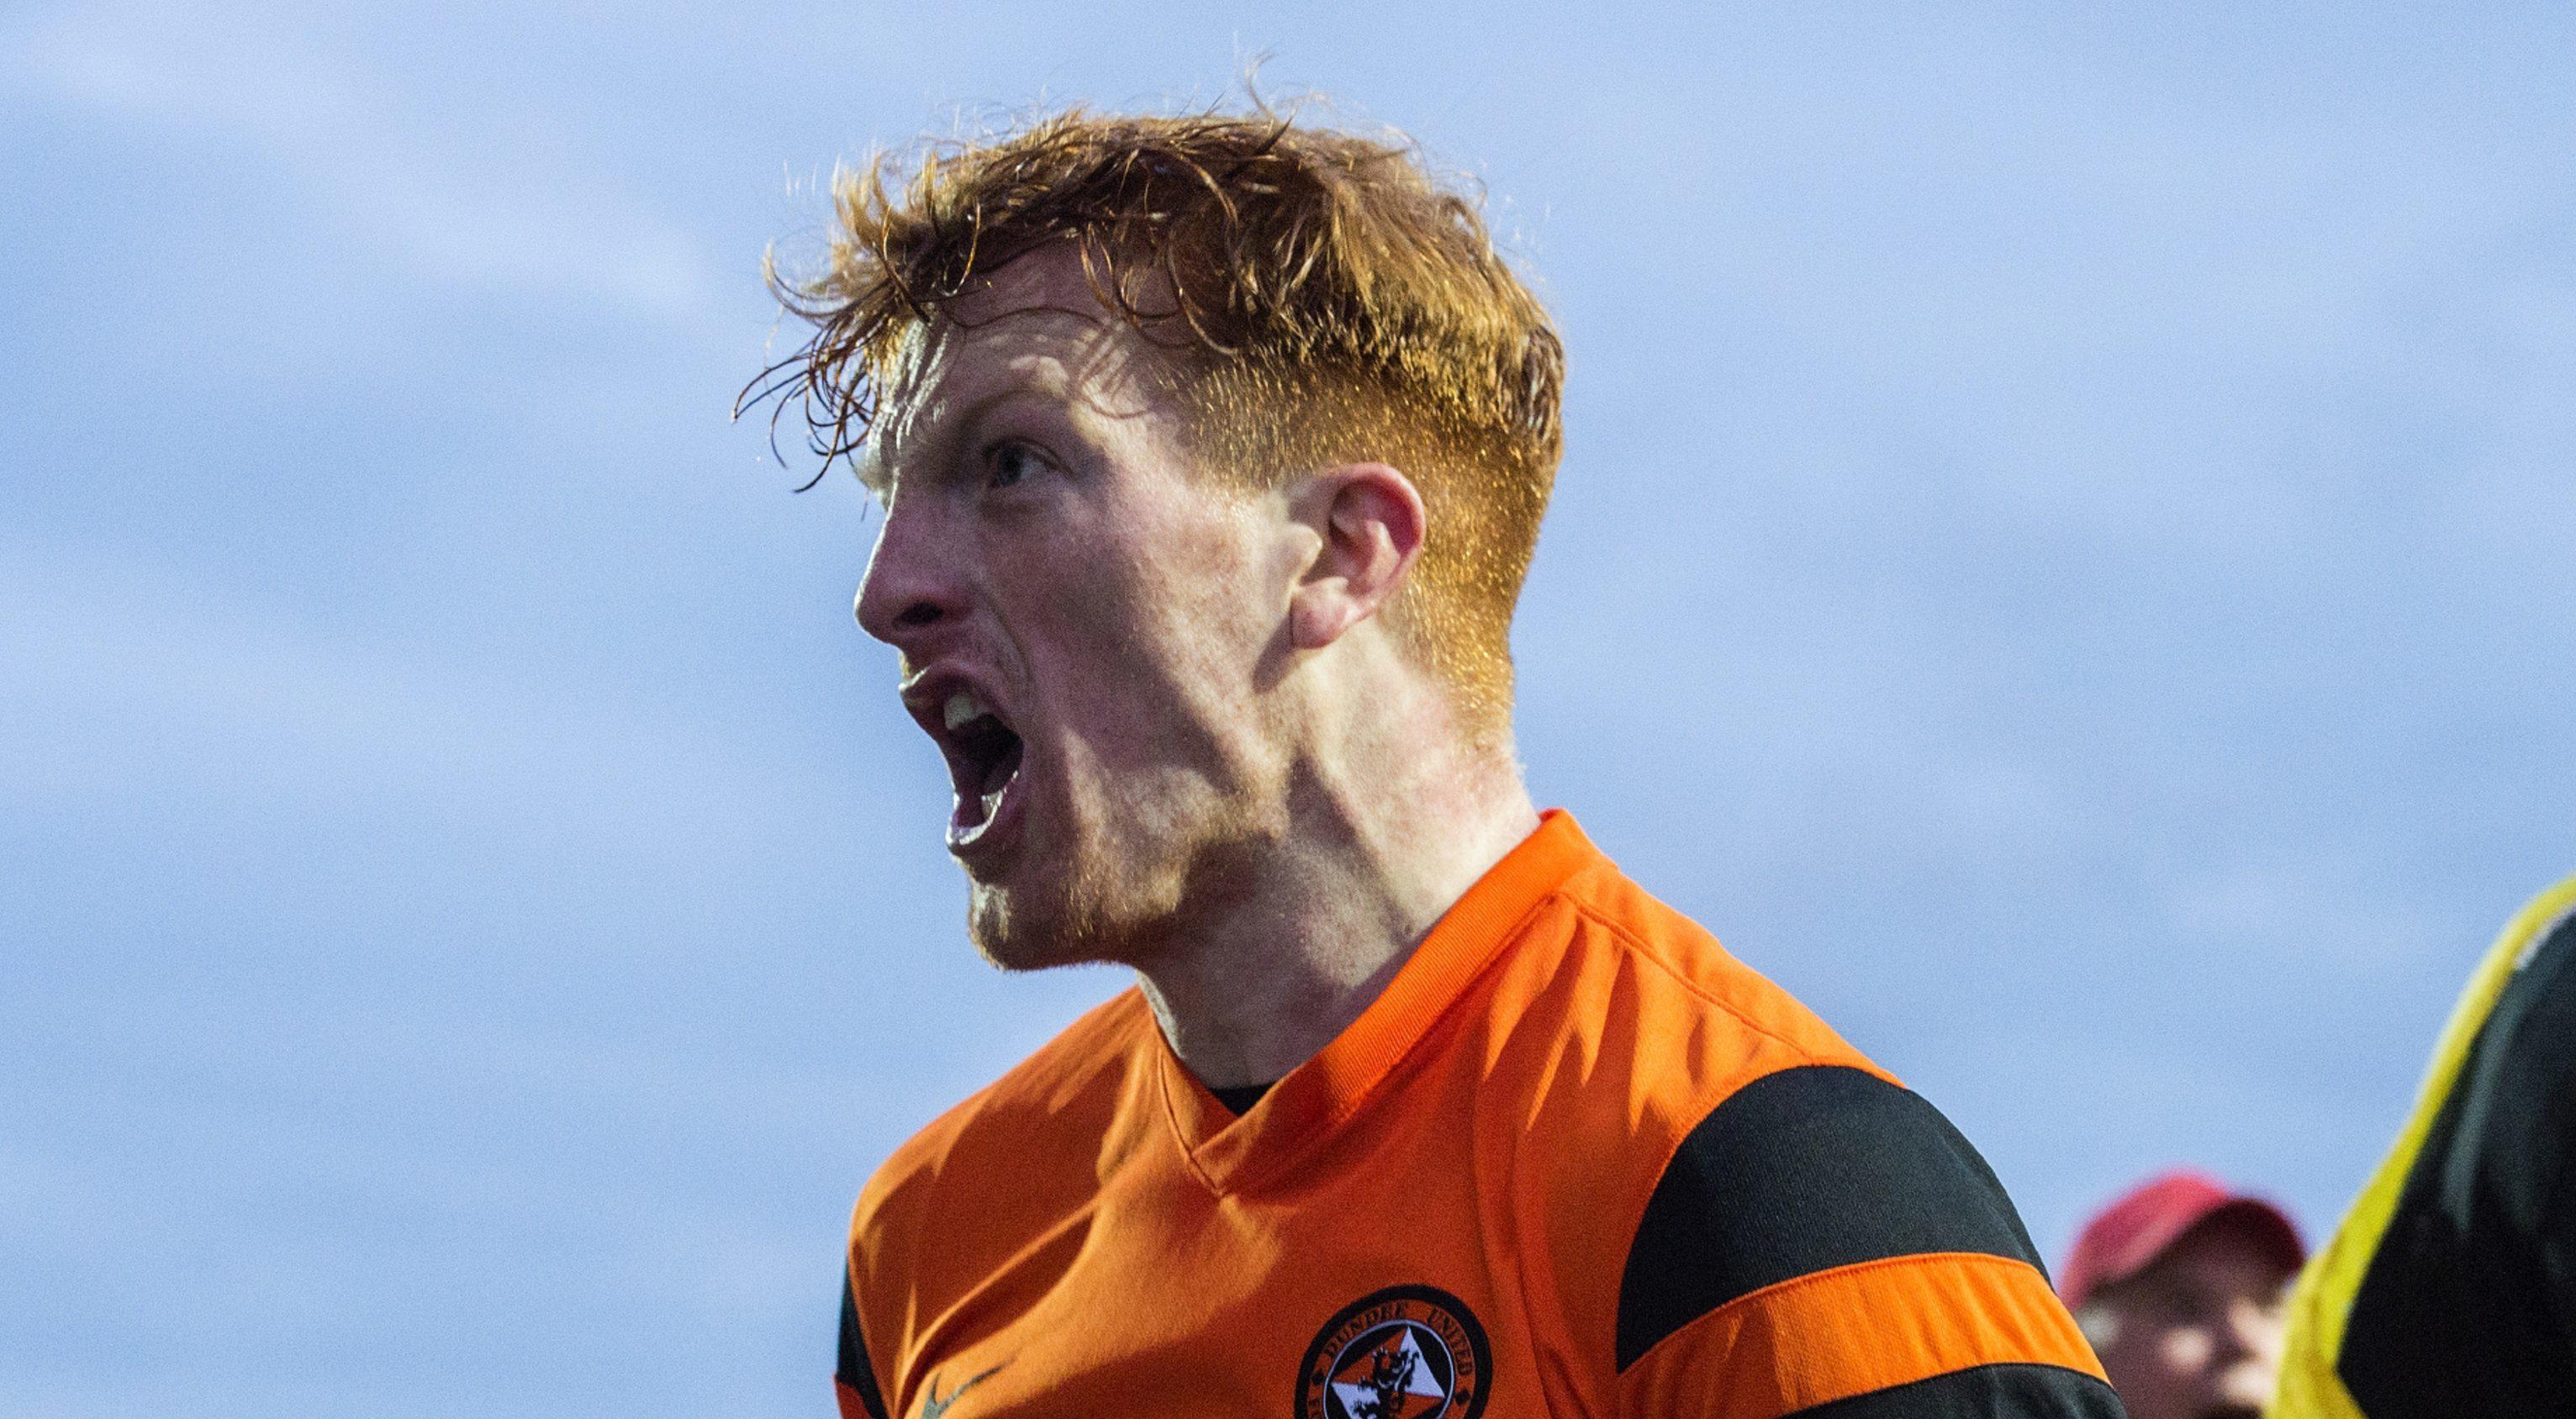 Simon Murray after scoring his goal at Falkirk.